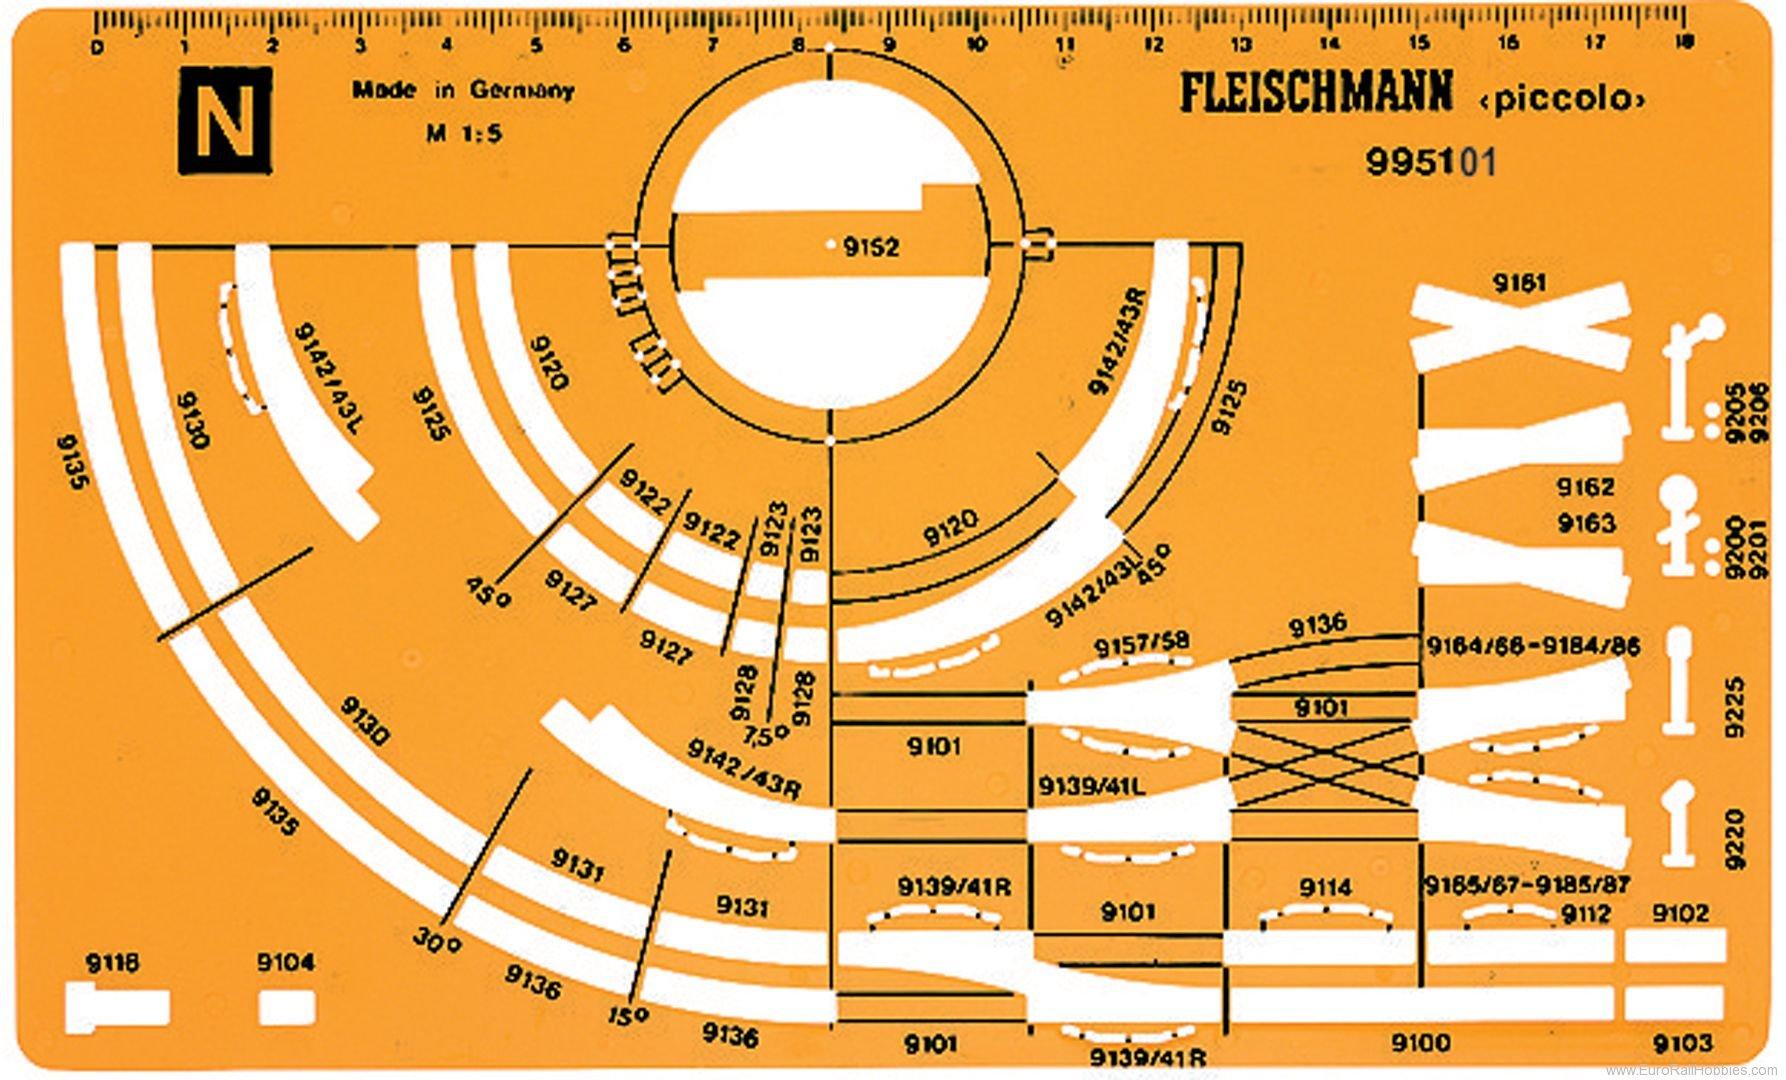 Fleischmann 995101 N Track plan stencil N «piccolo».